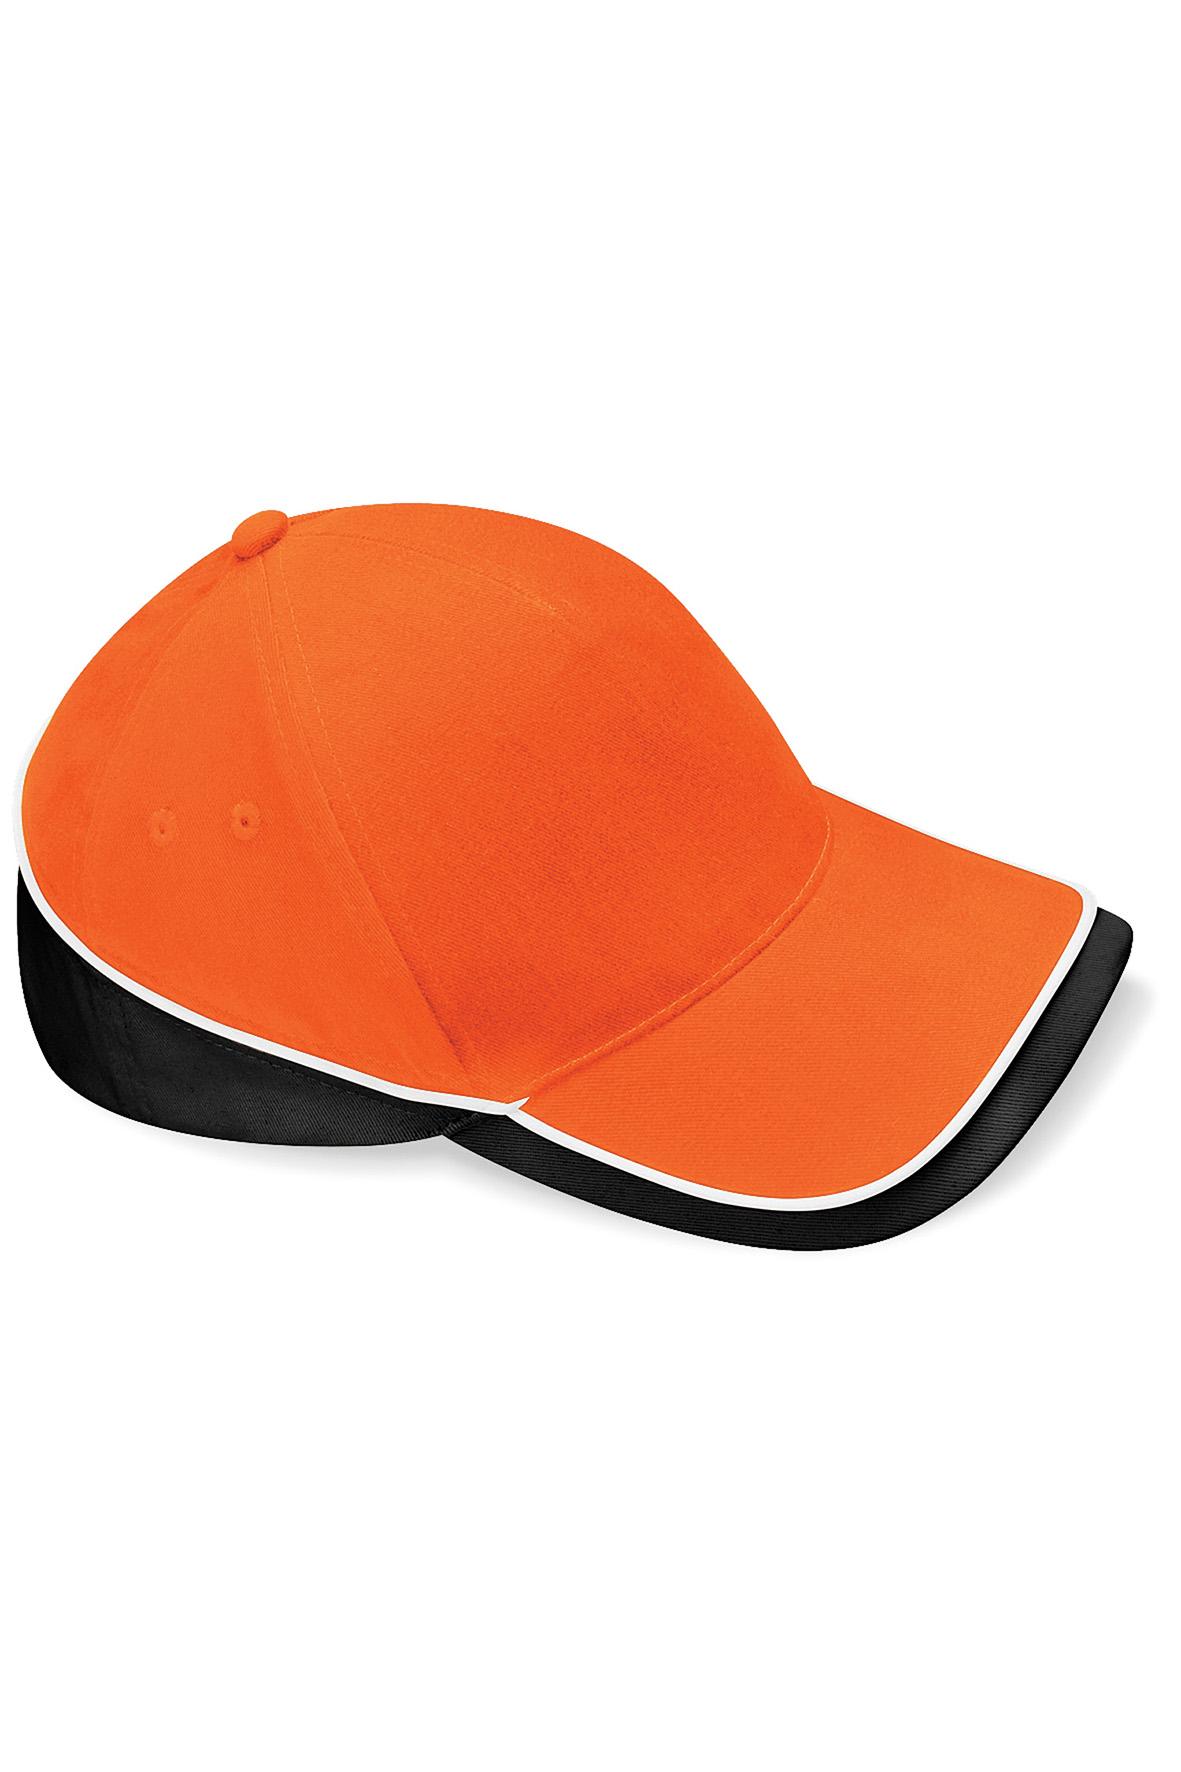 Teamwear Lippis Oranssi - Musta - Valkoinen